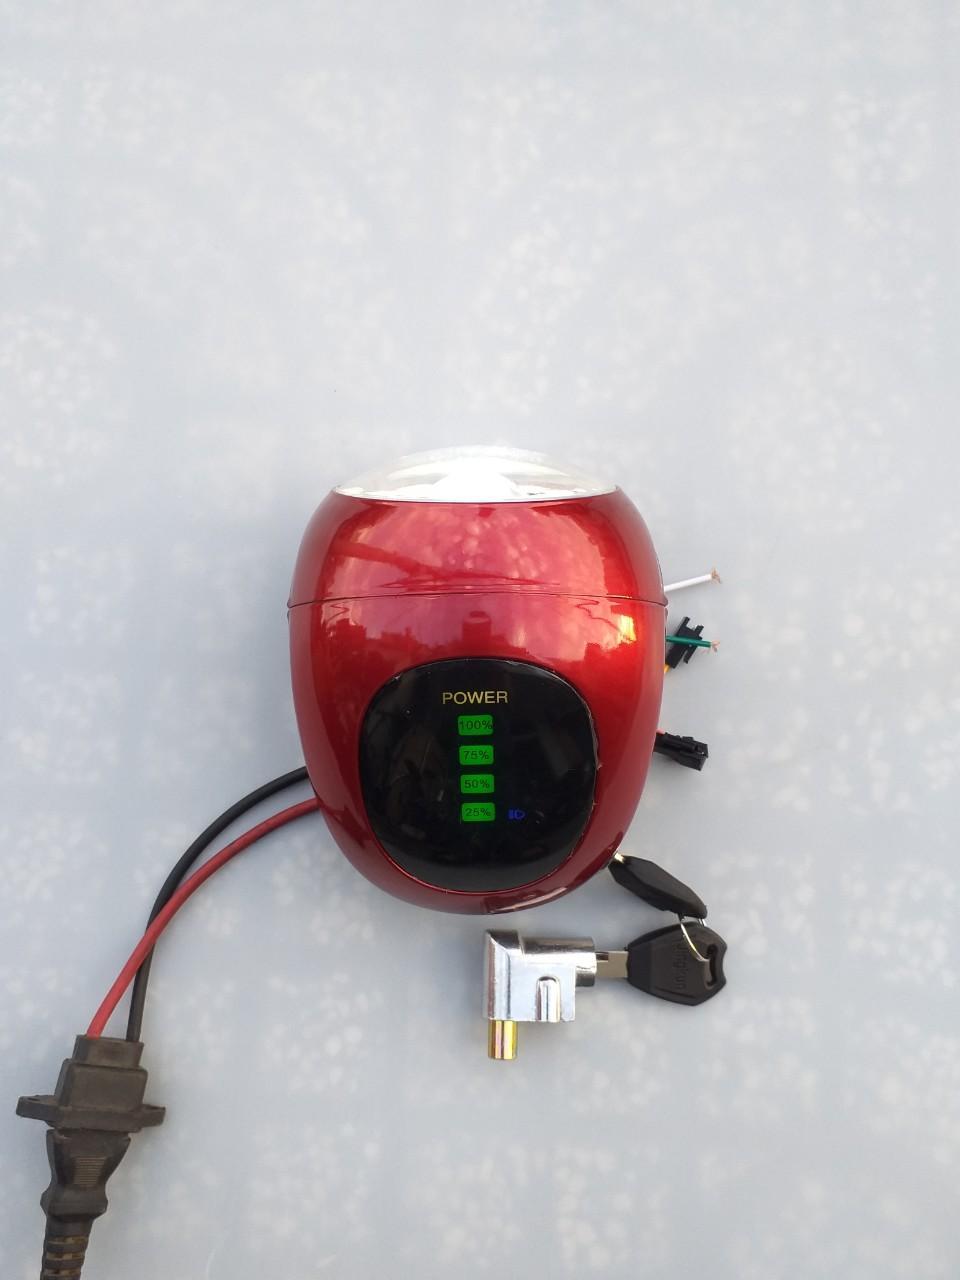 Mua đầu đèn xe đạp điện 48V/60V giá tốt - đầu đèn xe đạp điện - đầu đèn xe điện kiểu mới - đầu đèn tròn